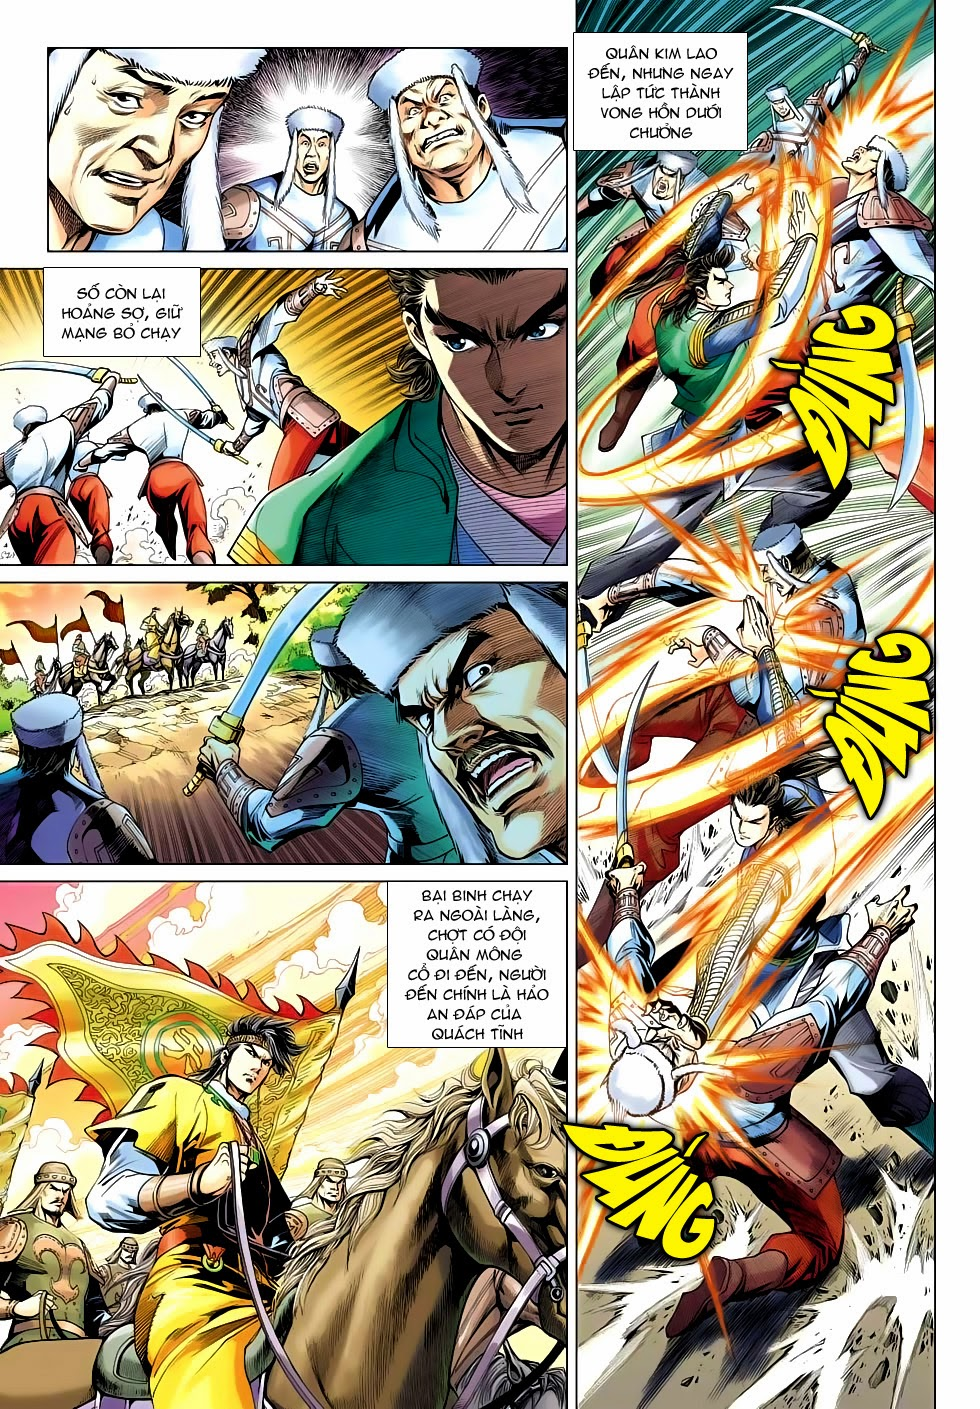 xem truyen moi - Anh Hùng Xạ Điêu - Chapter 91: Cái chết của Dương Khang